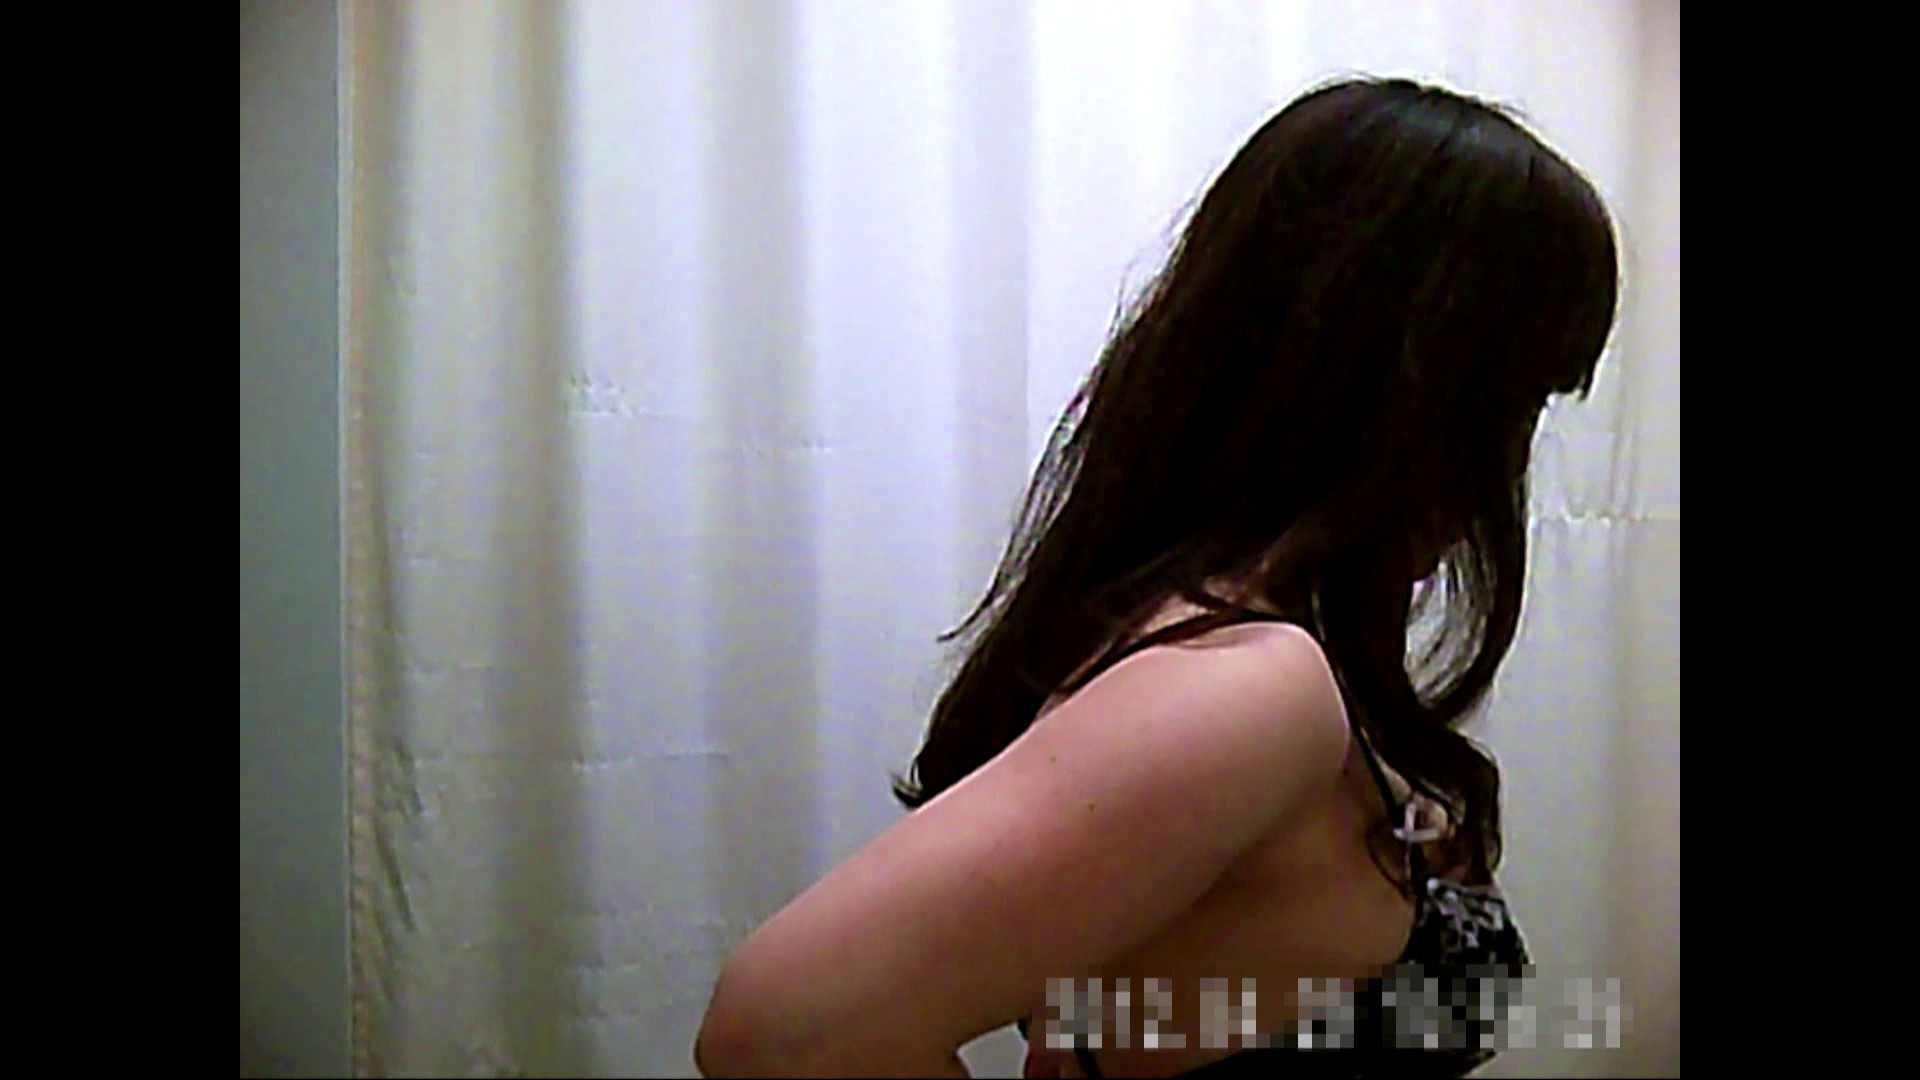 元医者による反抗 更衣室地獄絵巻 vol.013 エッチなお姉さん AV無料動画キャプチャ 39画像 29